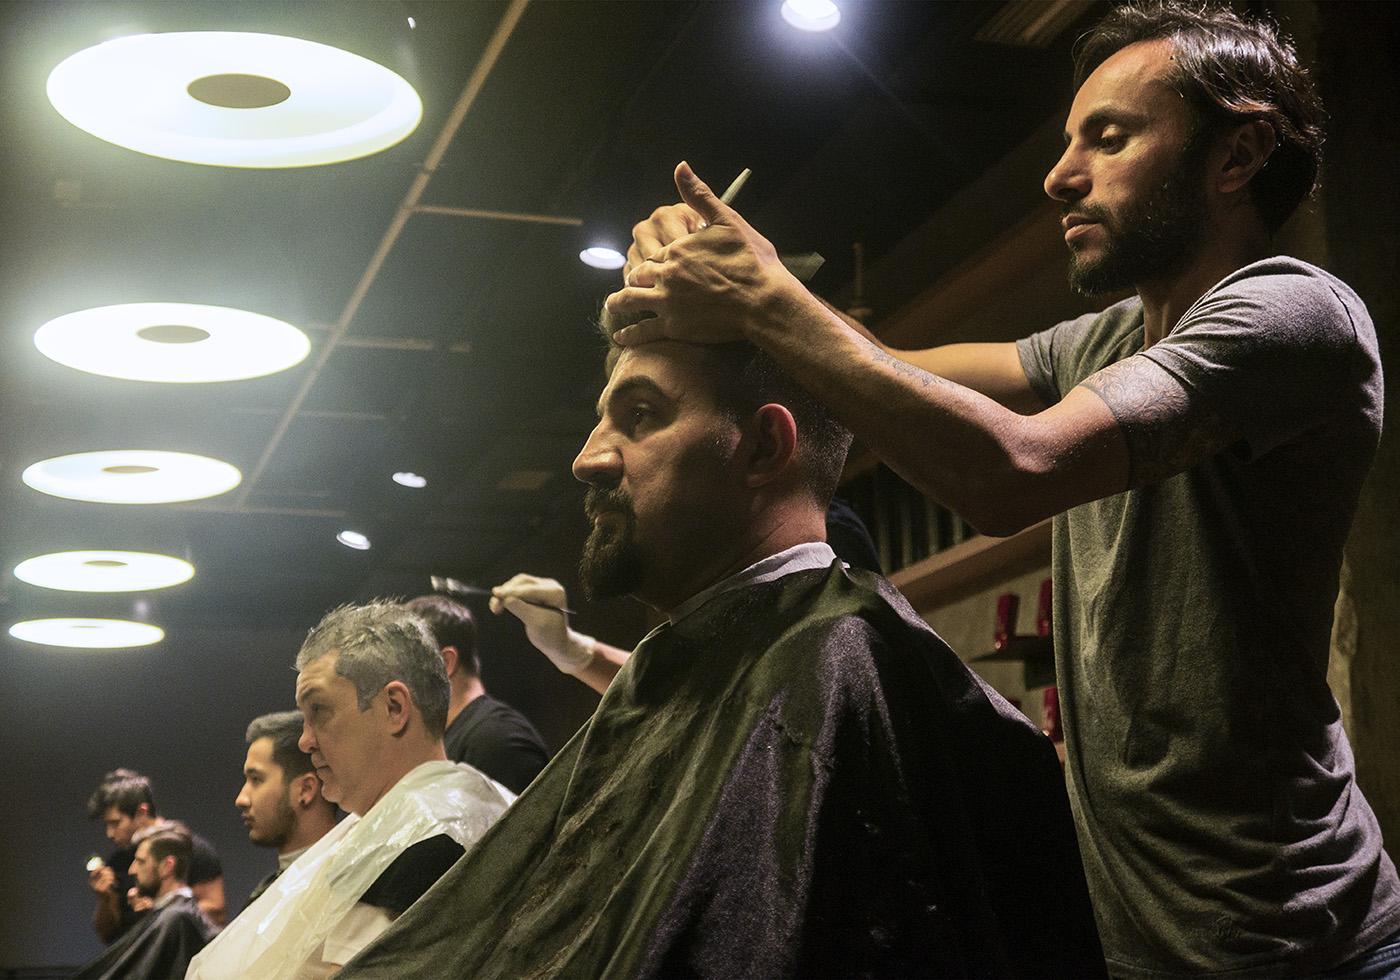 Andrei_Iliescu_Romania_Barbershop_16.jpg